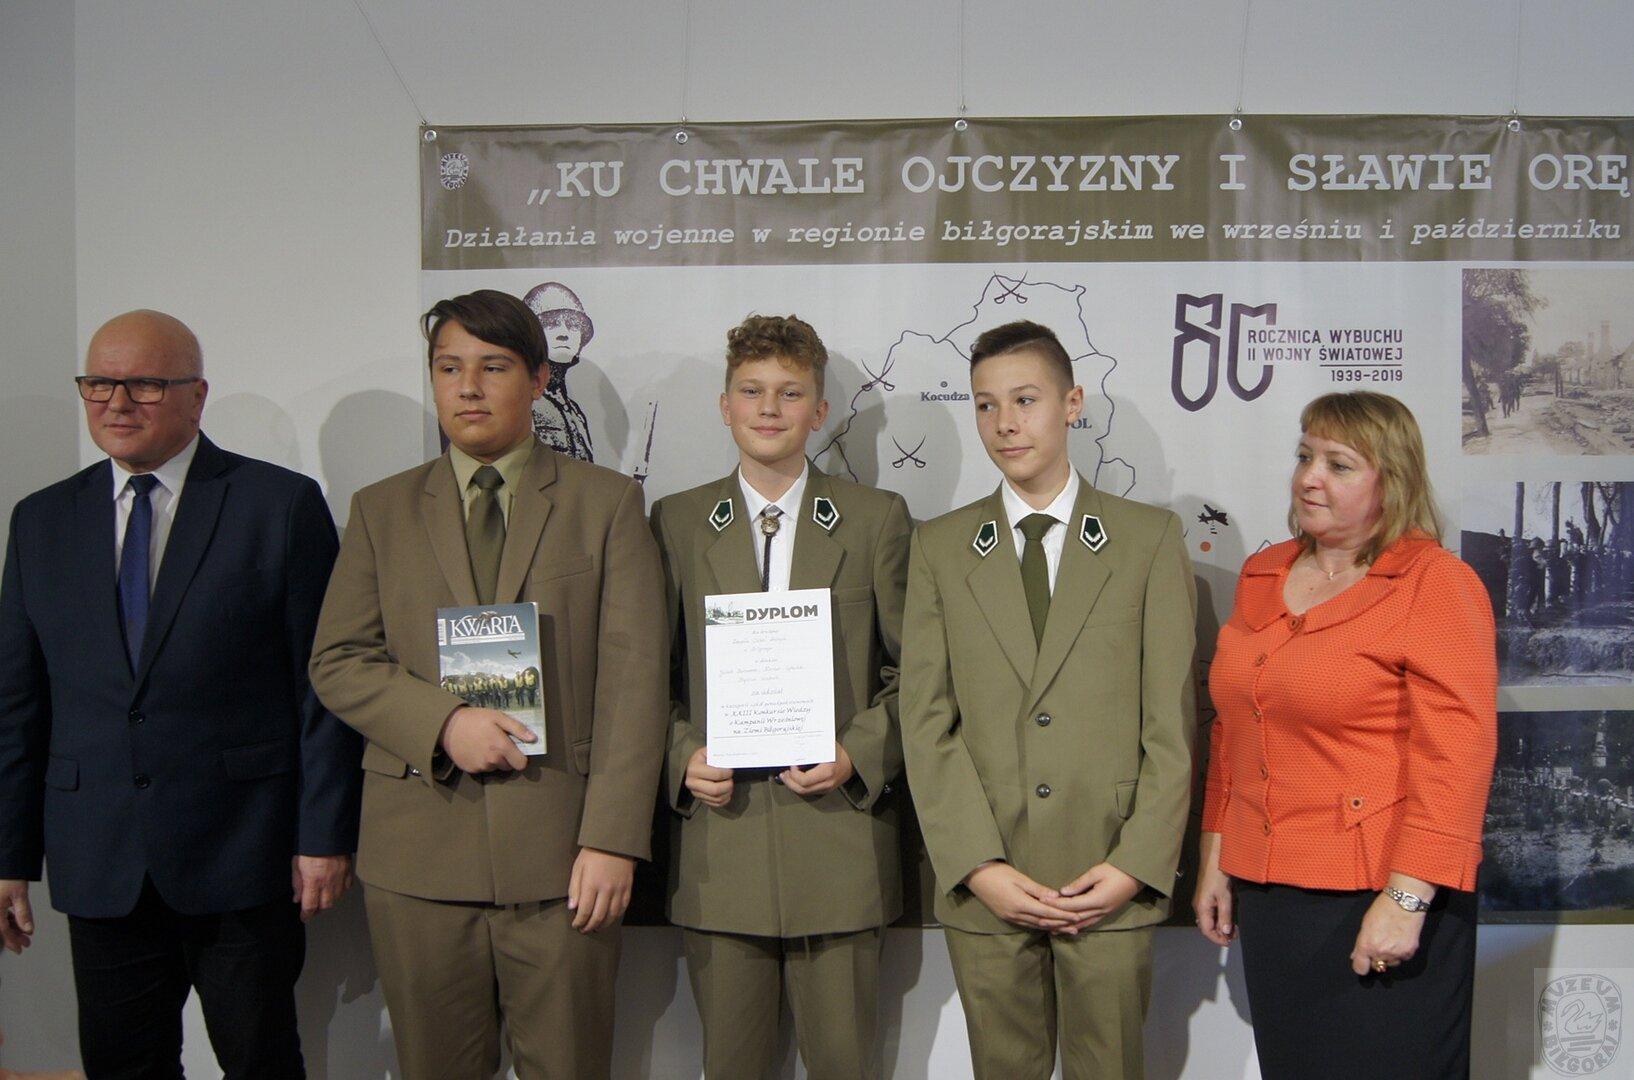 konk_kampania_wrzesniowa_2019_fot_34